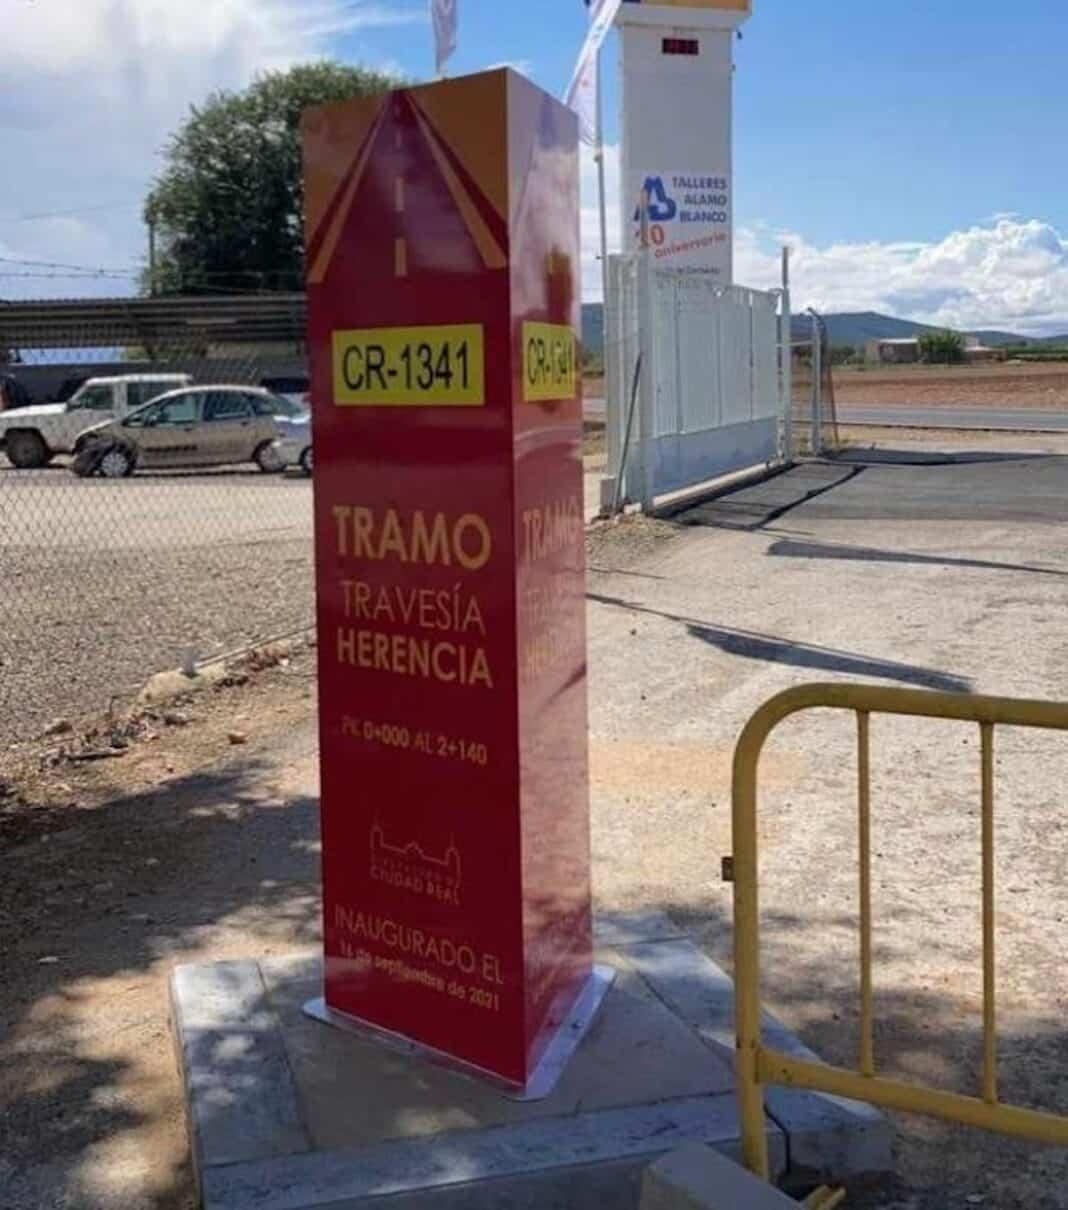 Próximo inauguración del tramo travesía Herencia CR-1341 1